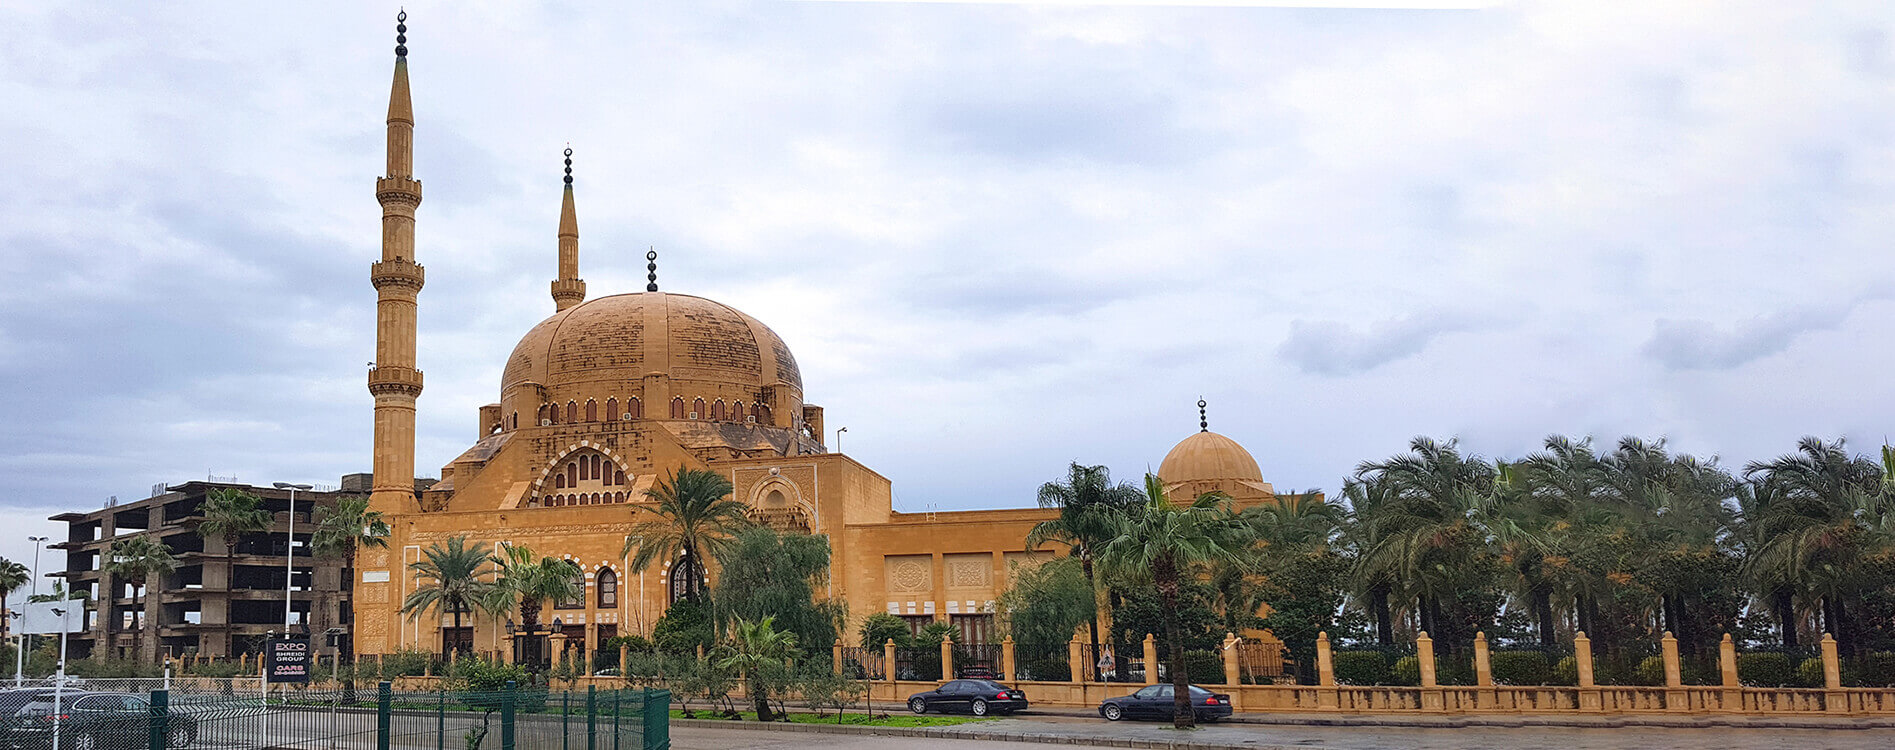 مجمع مسجد الحاج بهاء الدين الحريري